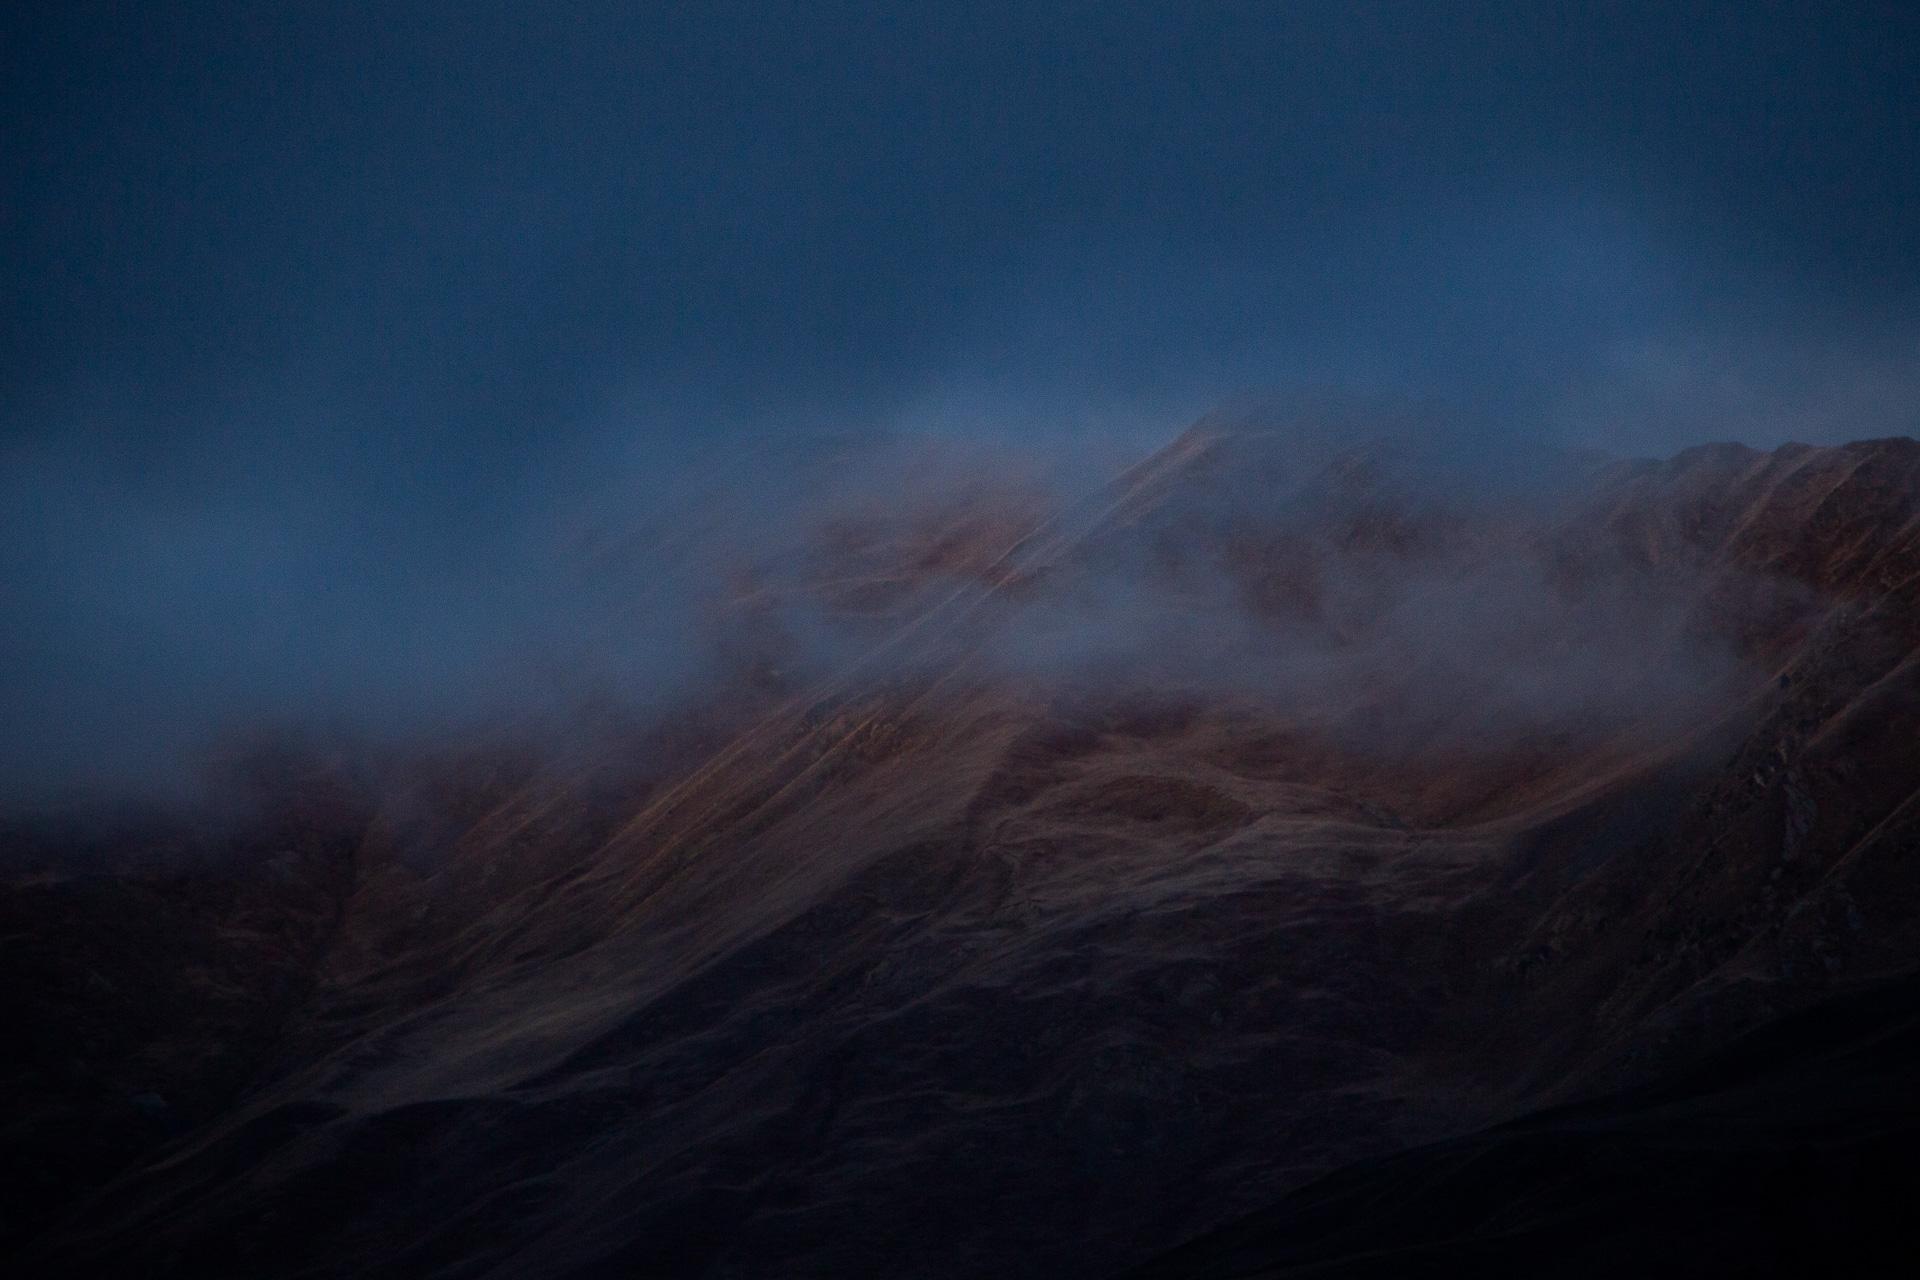 Genau so soll es sein. Blau und Grau und dunkel und dramatisch. Liebe Natur, bitte mehr davon!